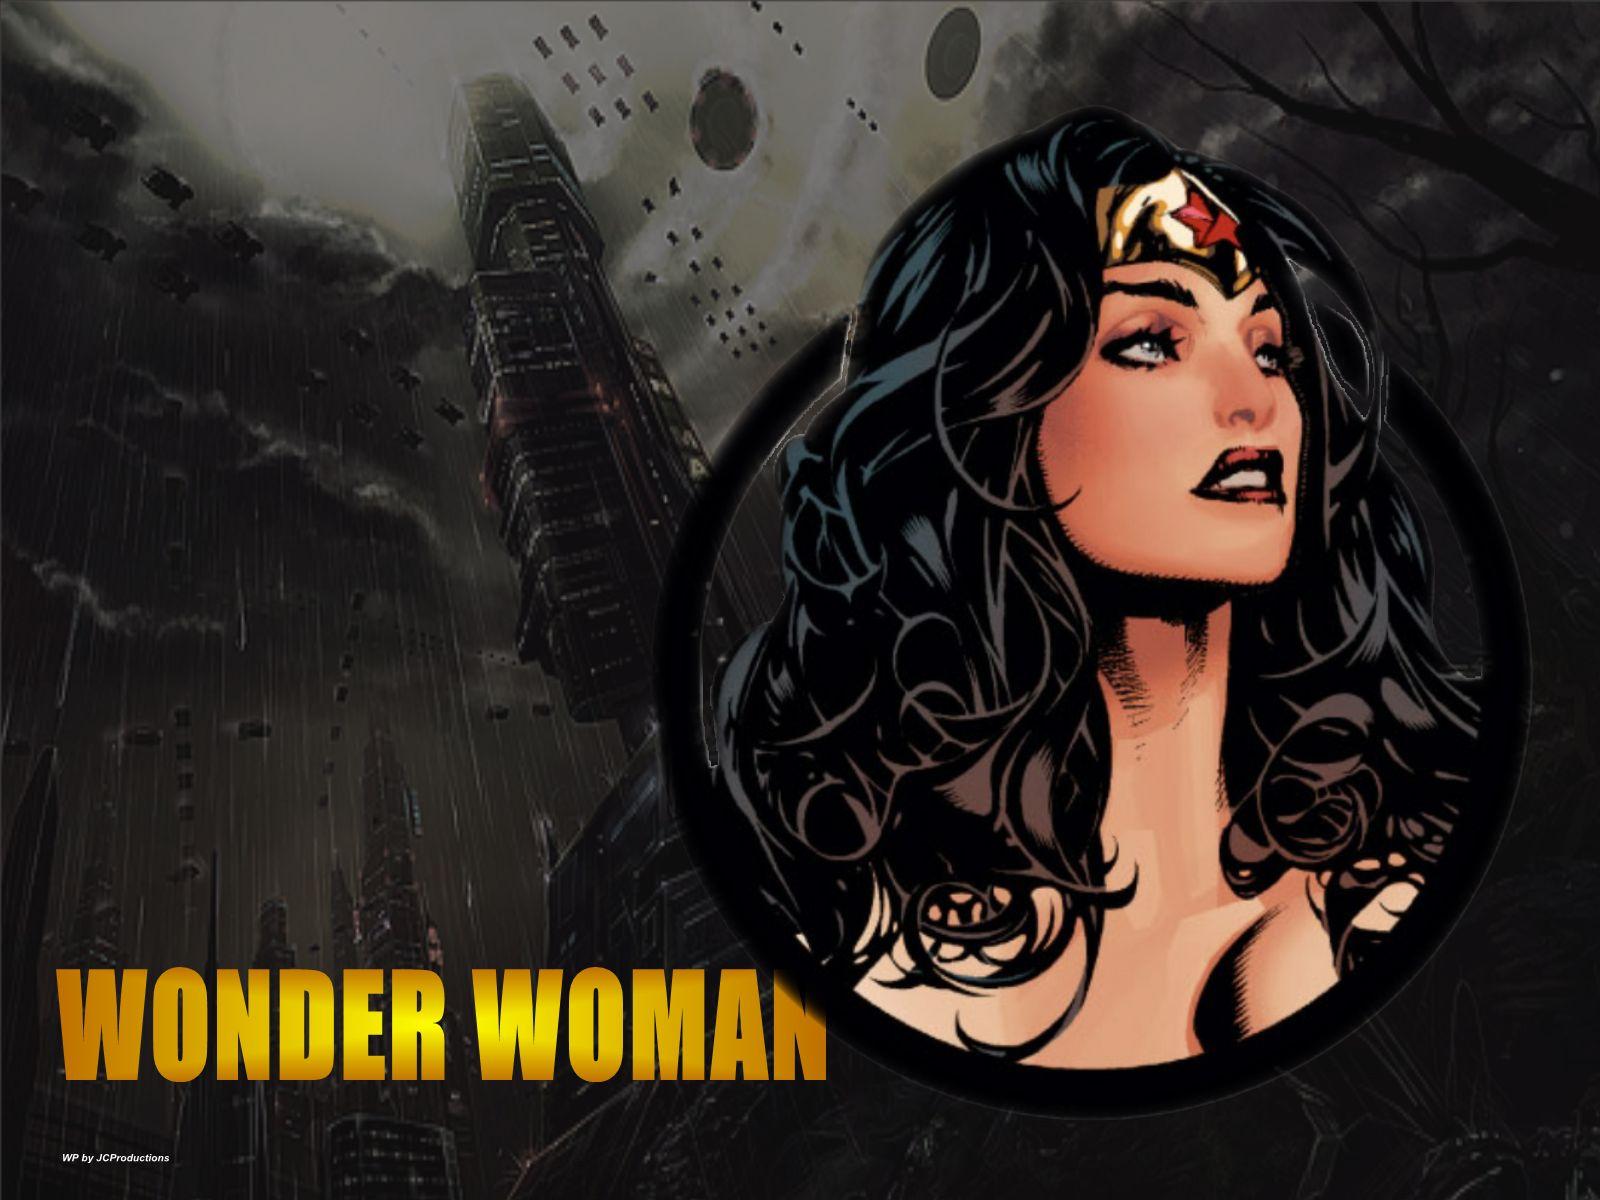 Wonder Woman Dcコミック 壁紙 27027006 ファンポップ